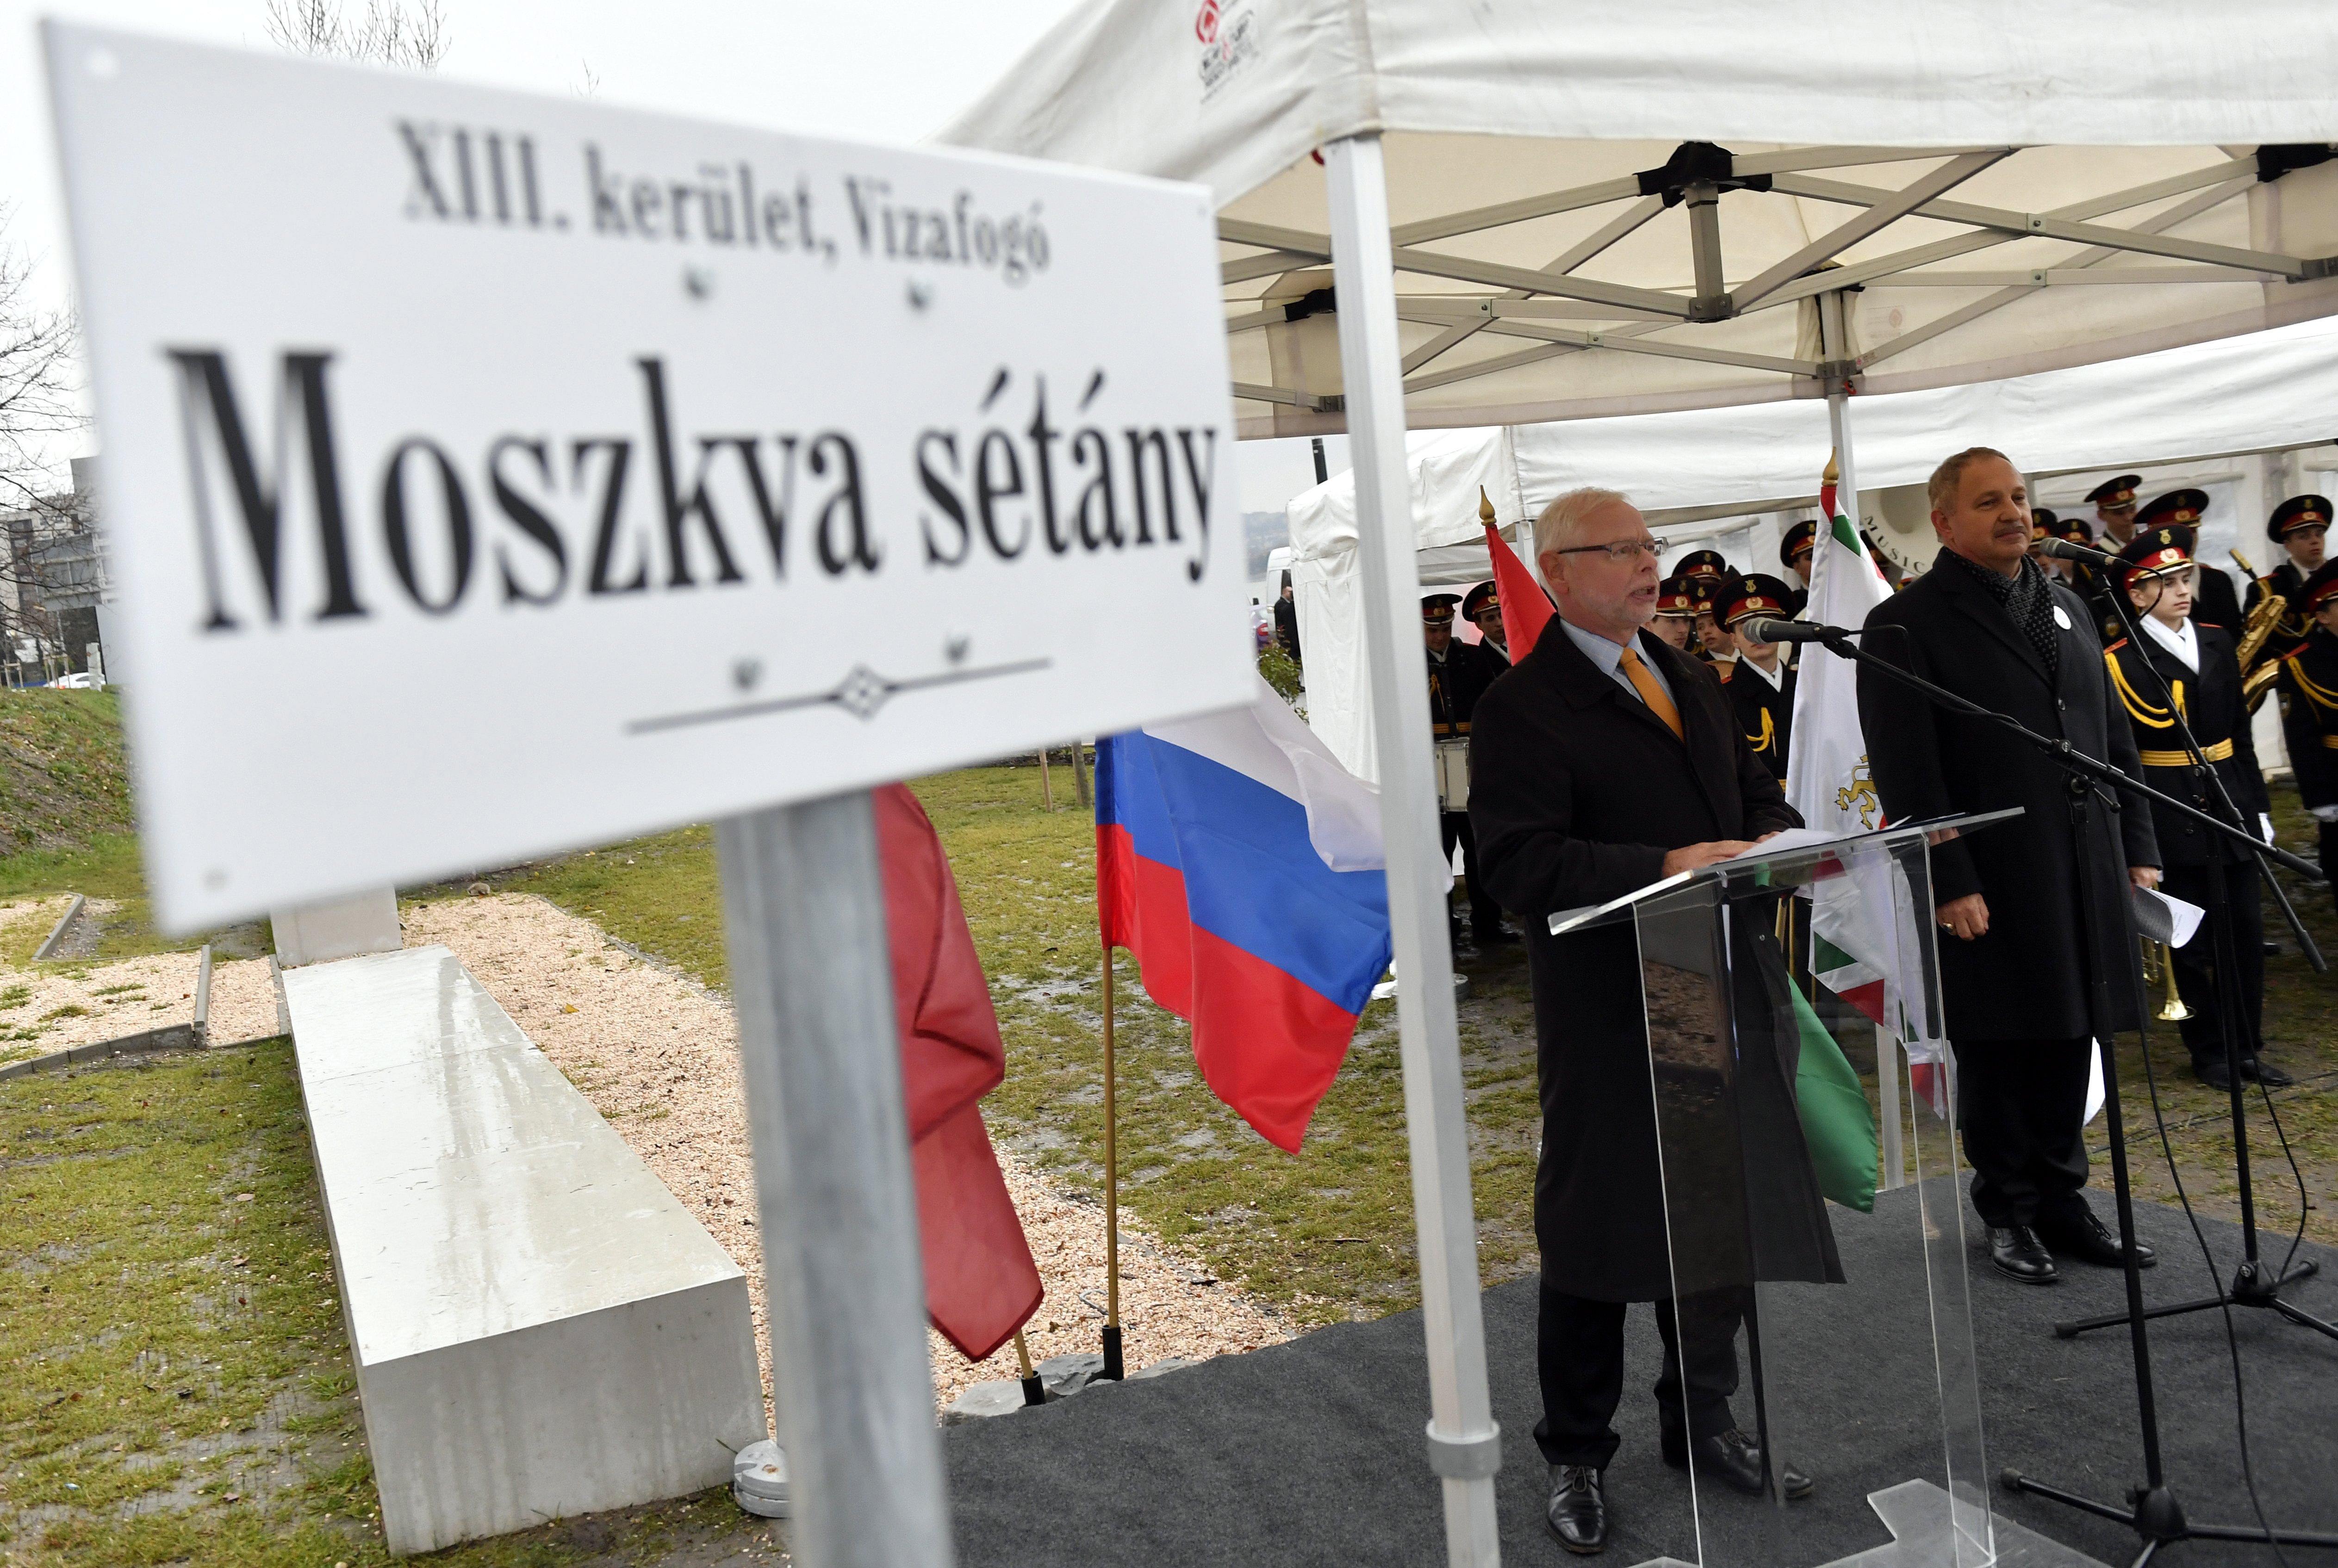 Sétánnyal kárpótoltuk a Moszkva tértől megfosztott oroszokat